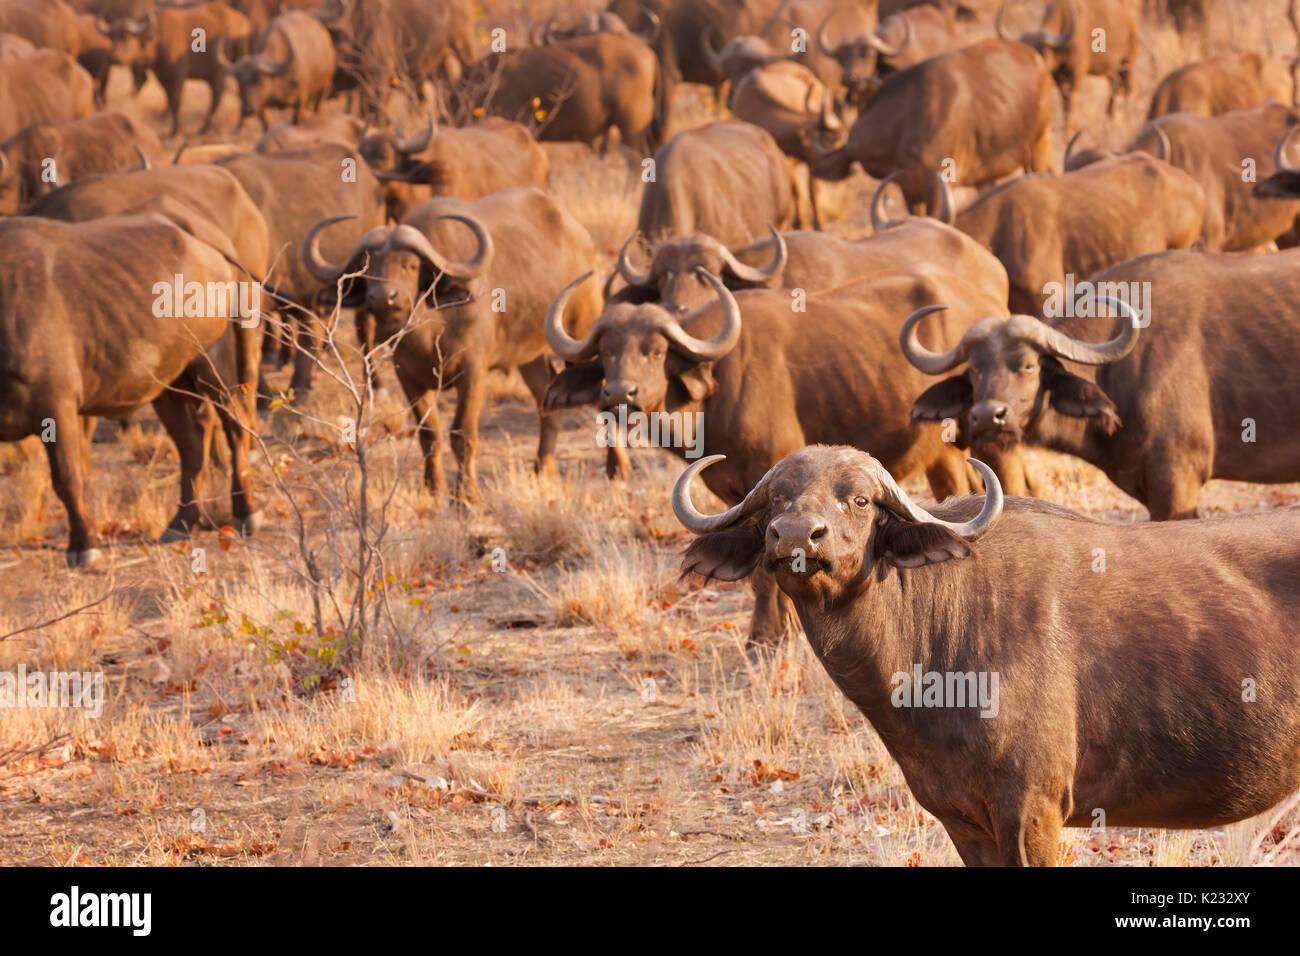 Un troupeau de buffles dans le parc national Kruger en Afrique du Sud au début de la lumière du soleil du matin. Photo Stock